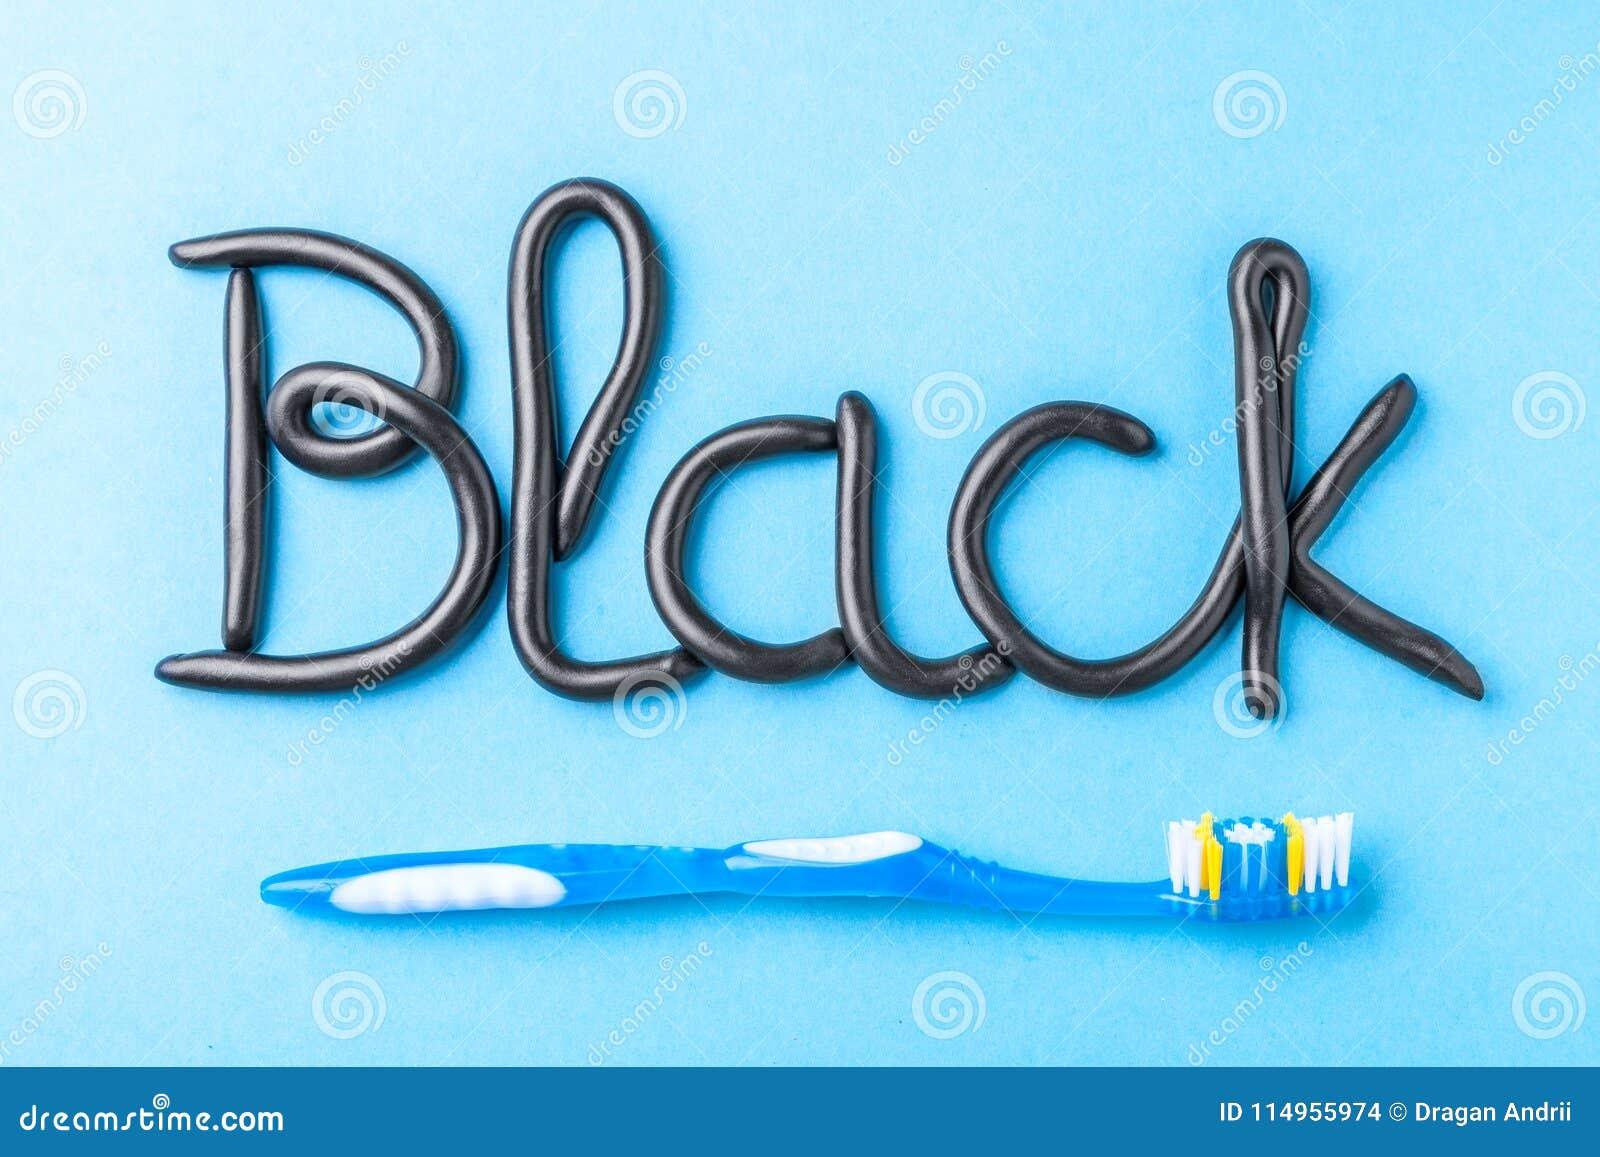 Svart tandkräm från kol för vita tänder Uttrycka SVART från tandkräm och tandborsten på blått